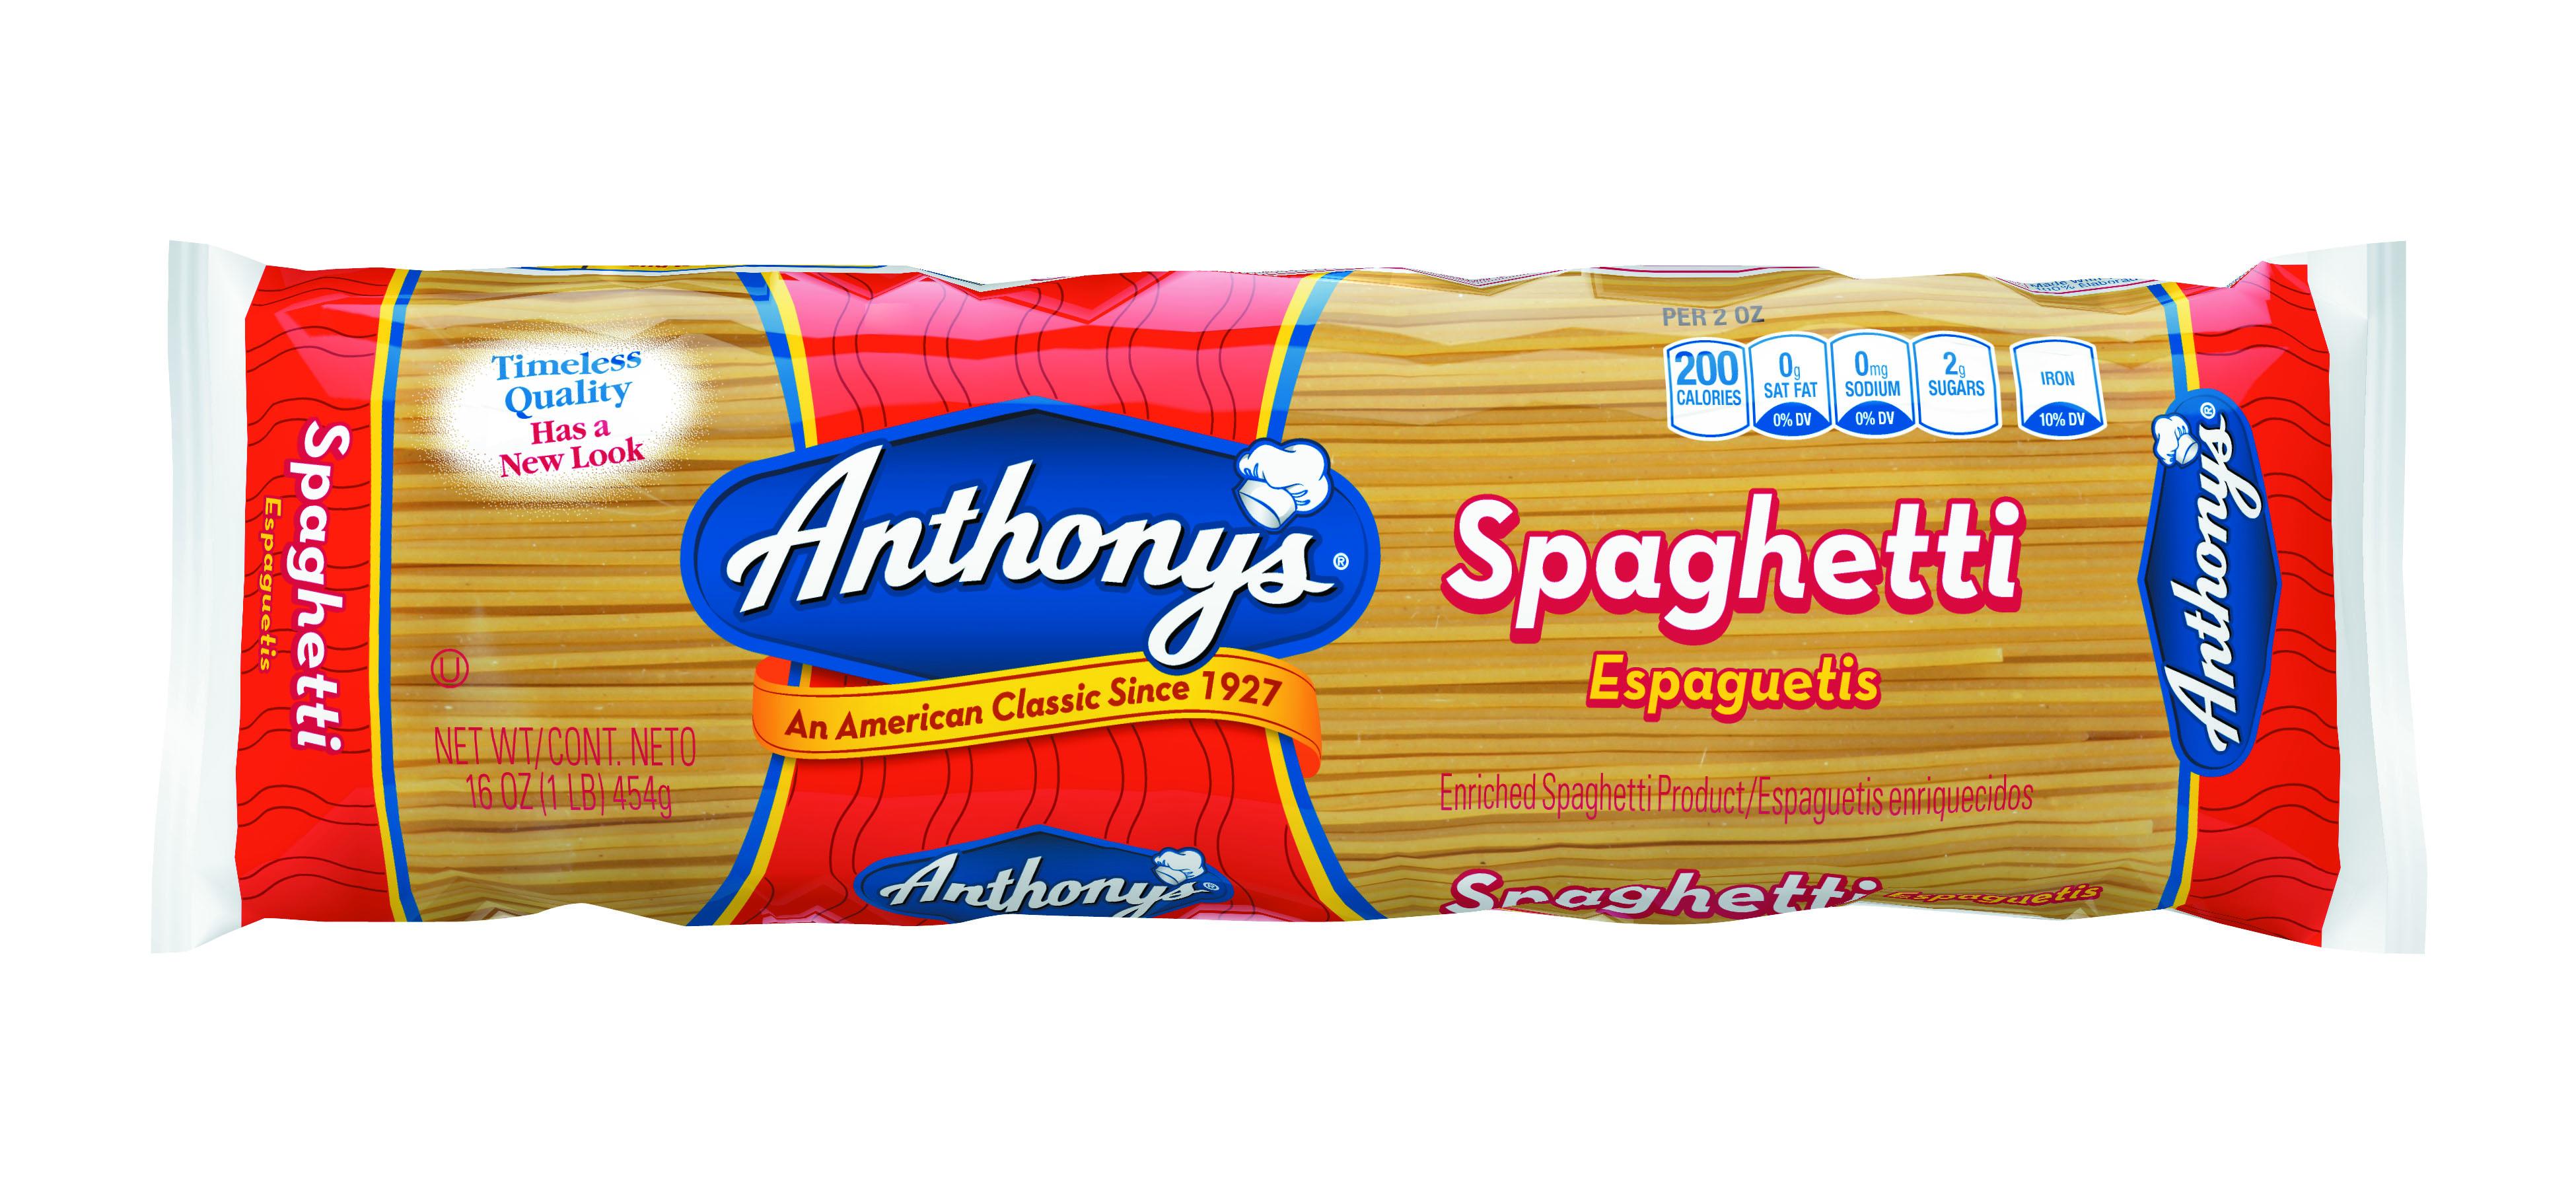 16oz-Spaghetti 100% Semolina